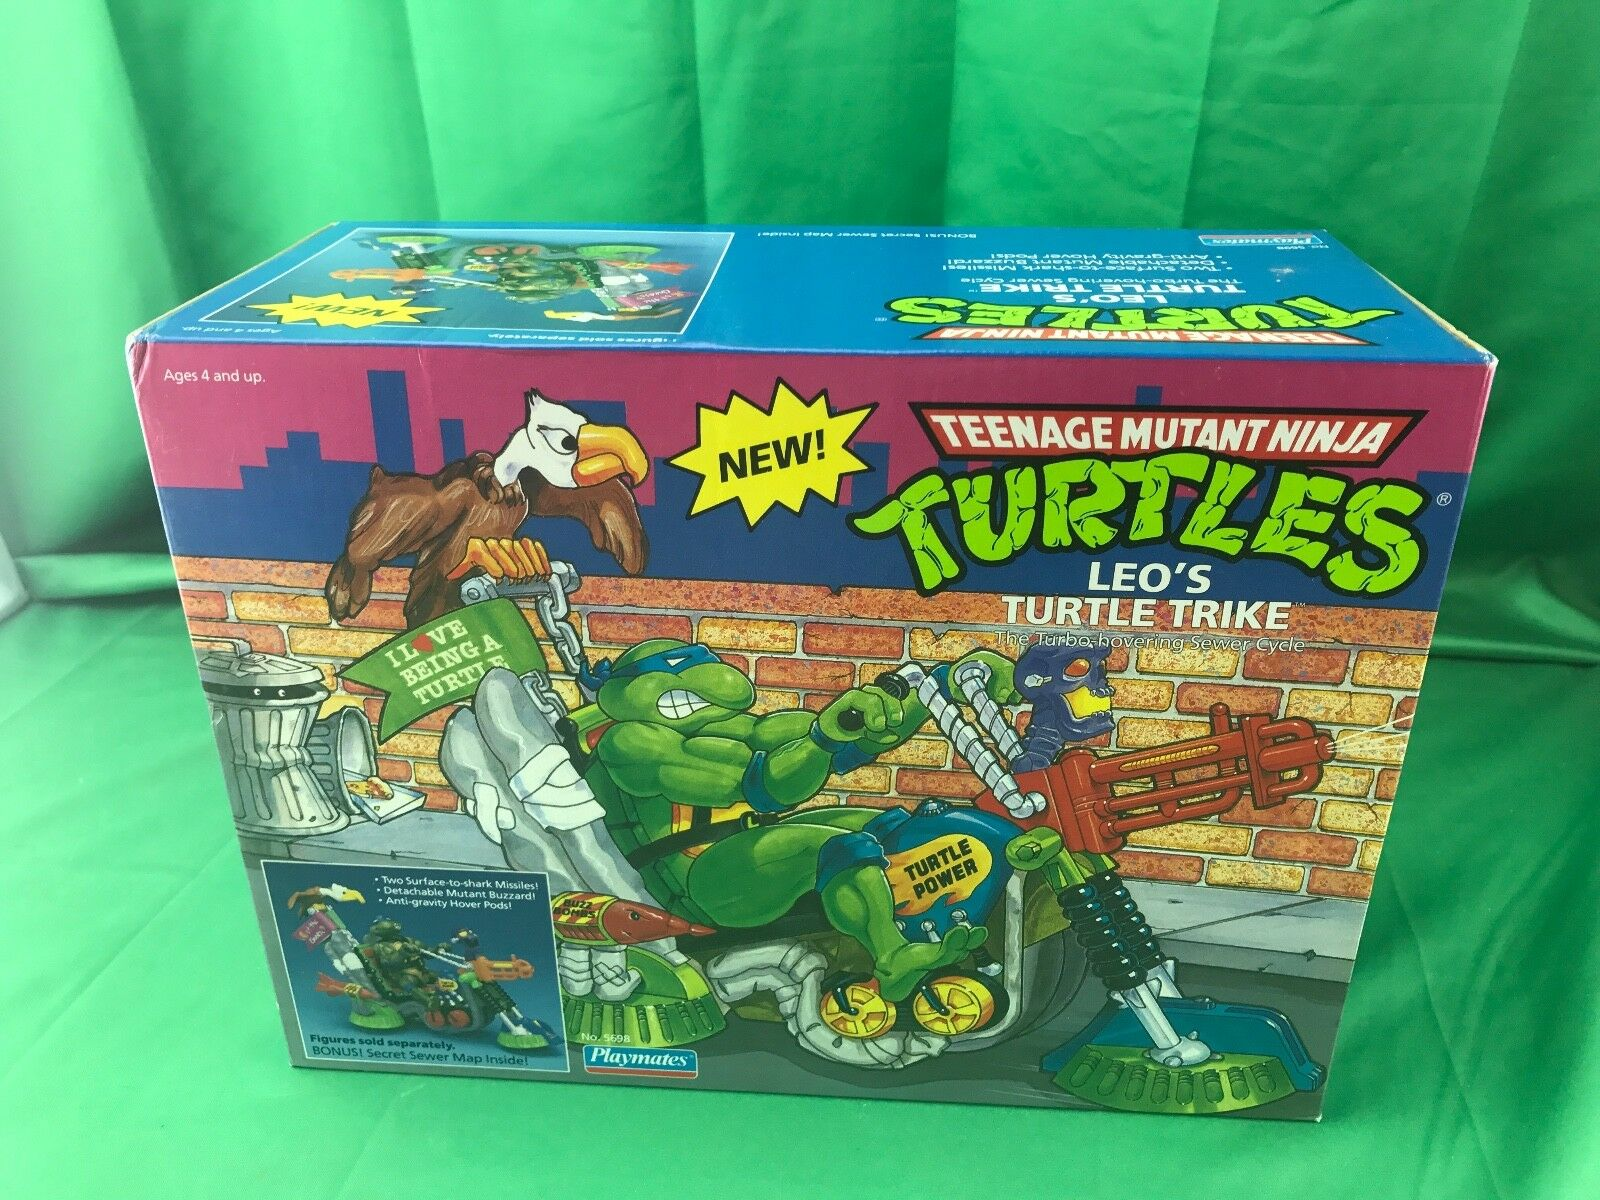 TMNT LEO'S TURTLE TRIKE VEHICLE UBER RARE TEENAGE MUTANT NINJA TURTLES